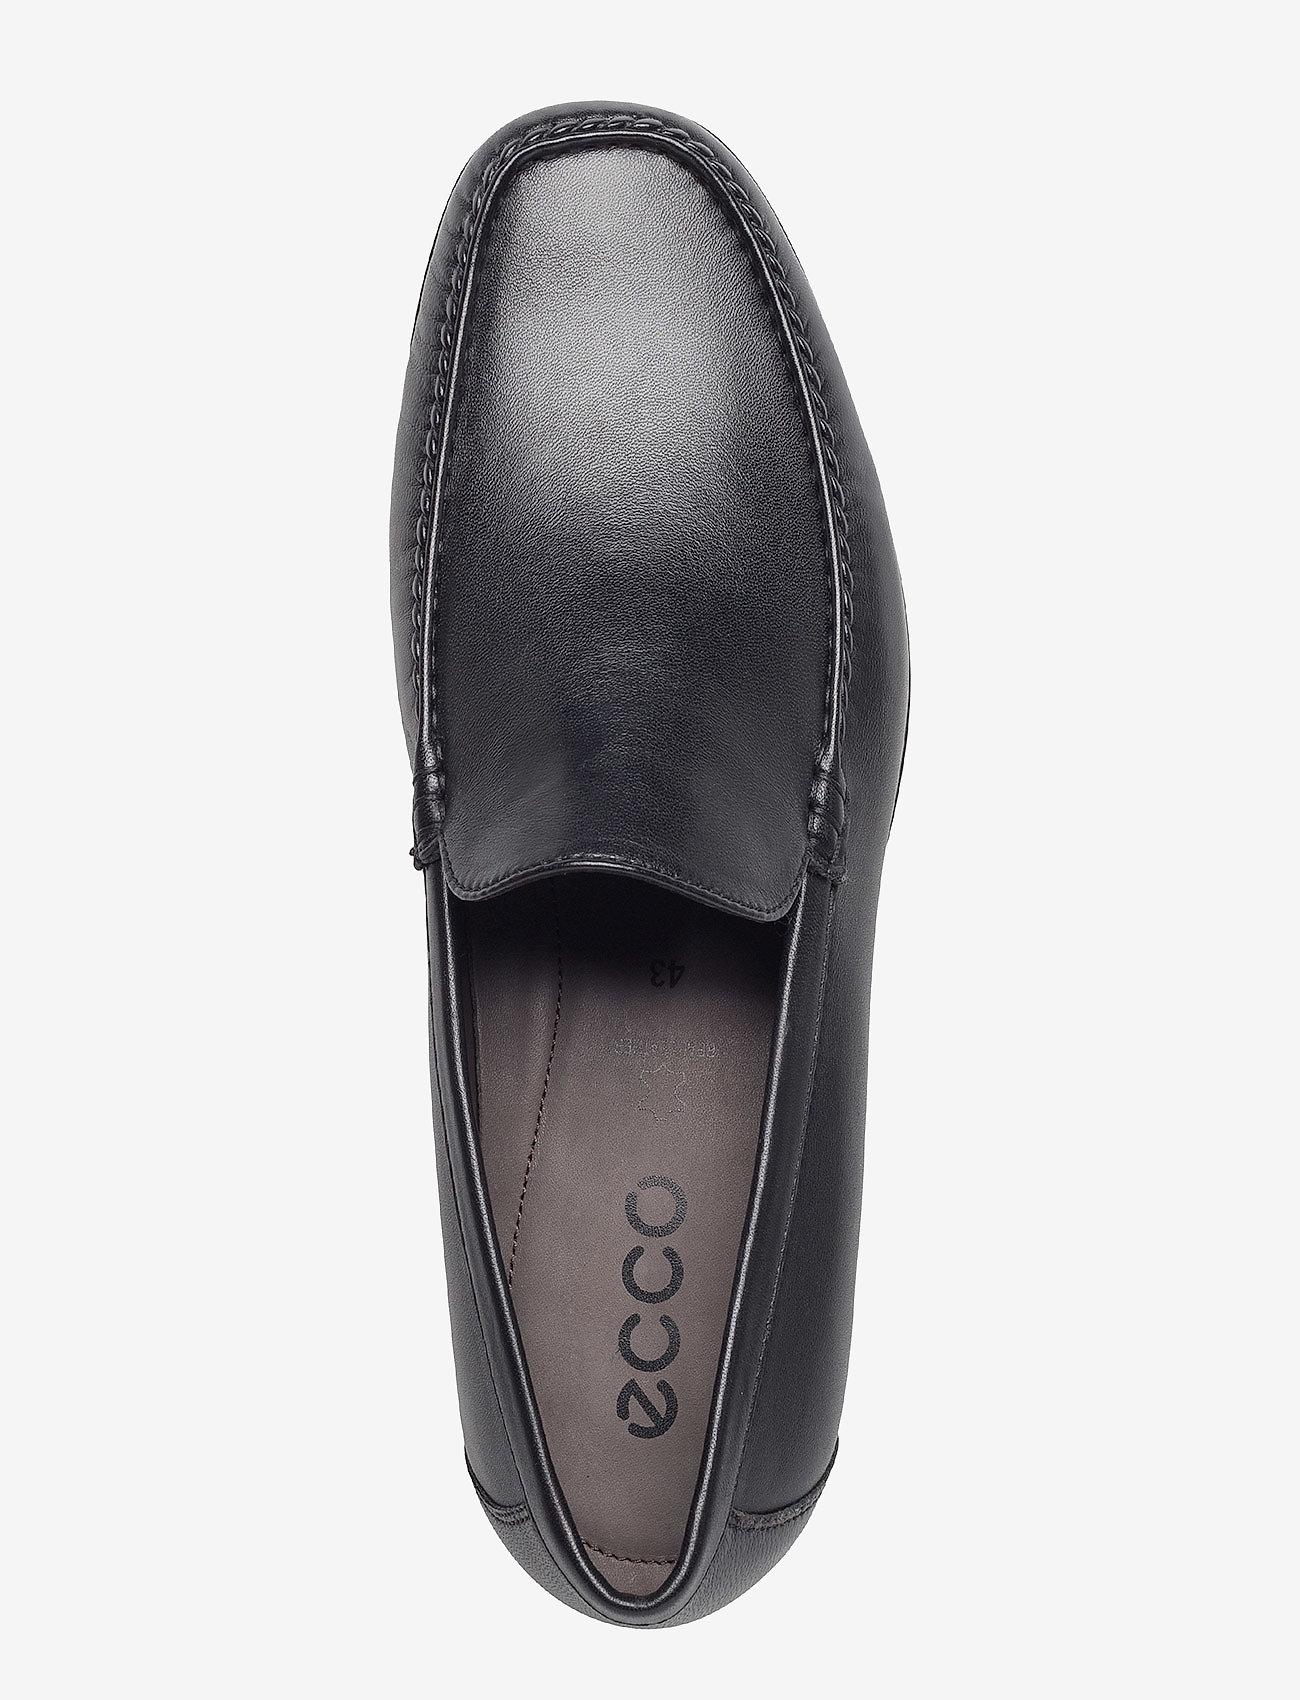 Dress Moc (Black) - ECCO